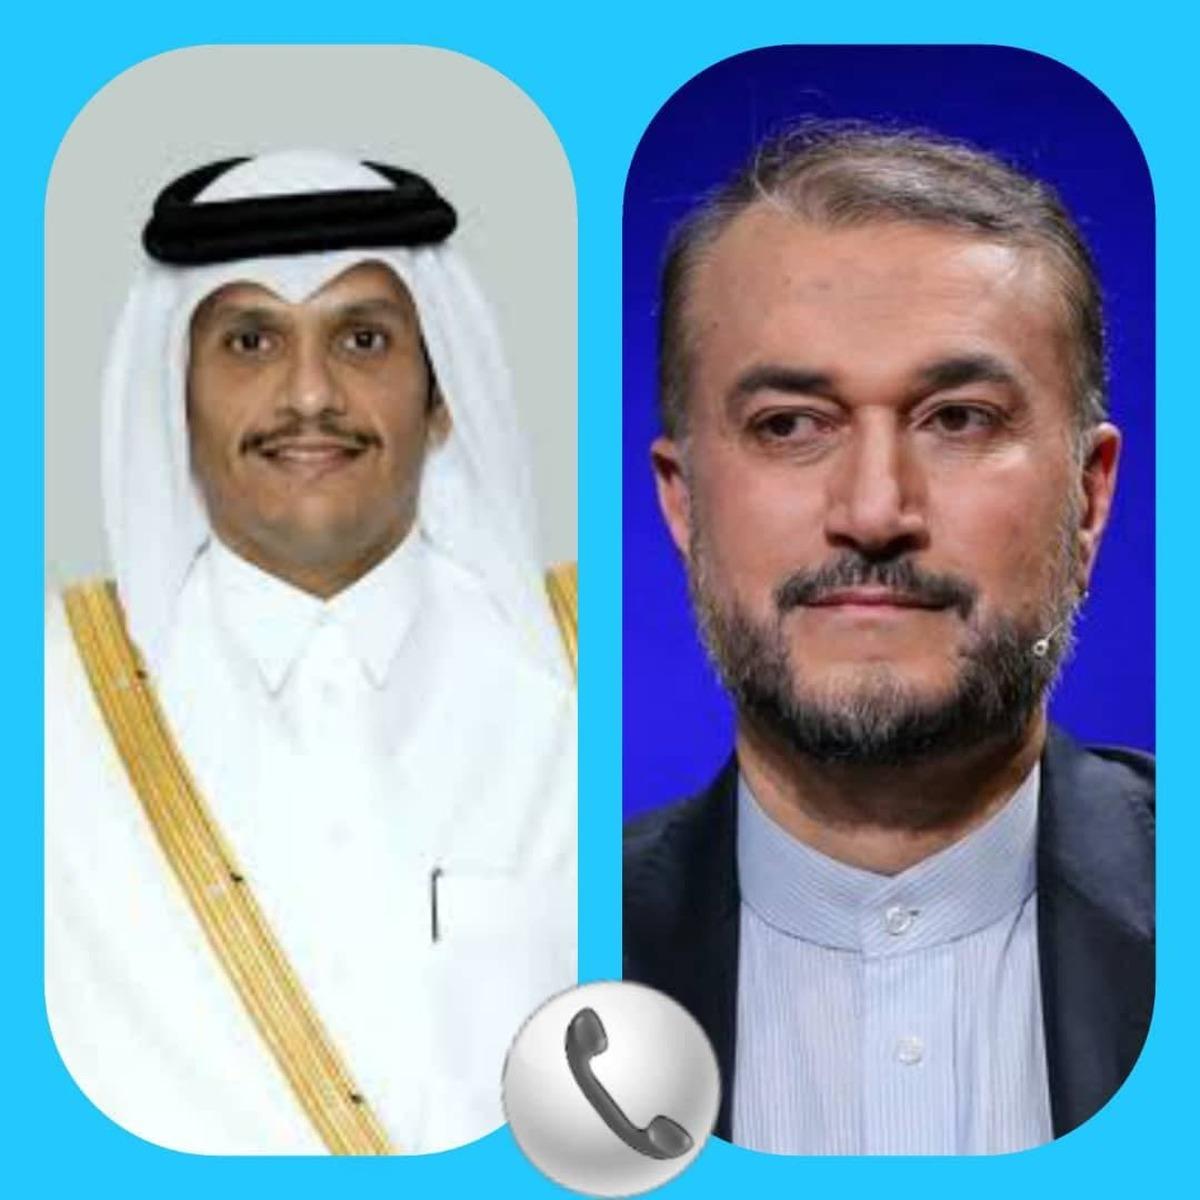 تماس تلفنی دکتر امیرعبداللهیان با همتای عراقی خود    رایزنیها در خصوص موضوعات مختلف